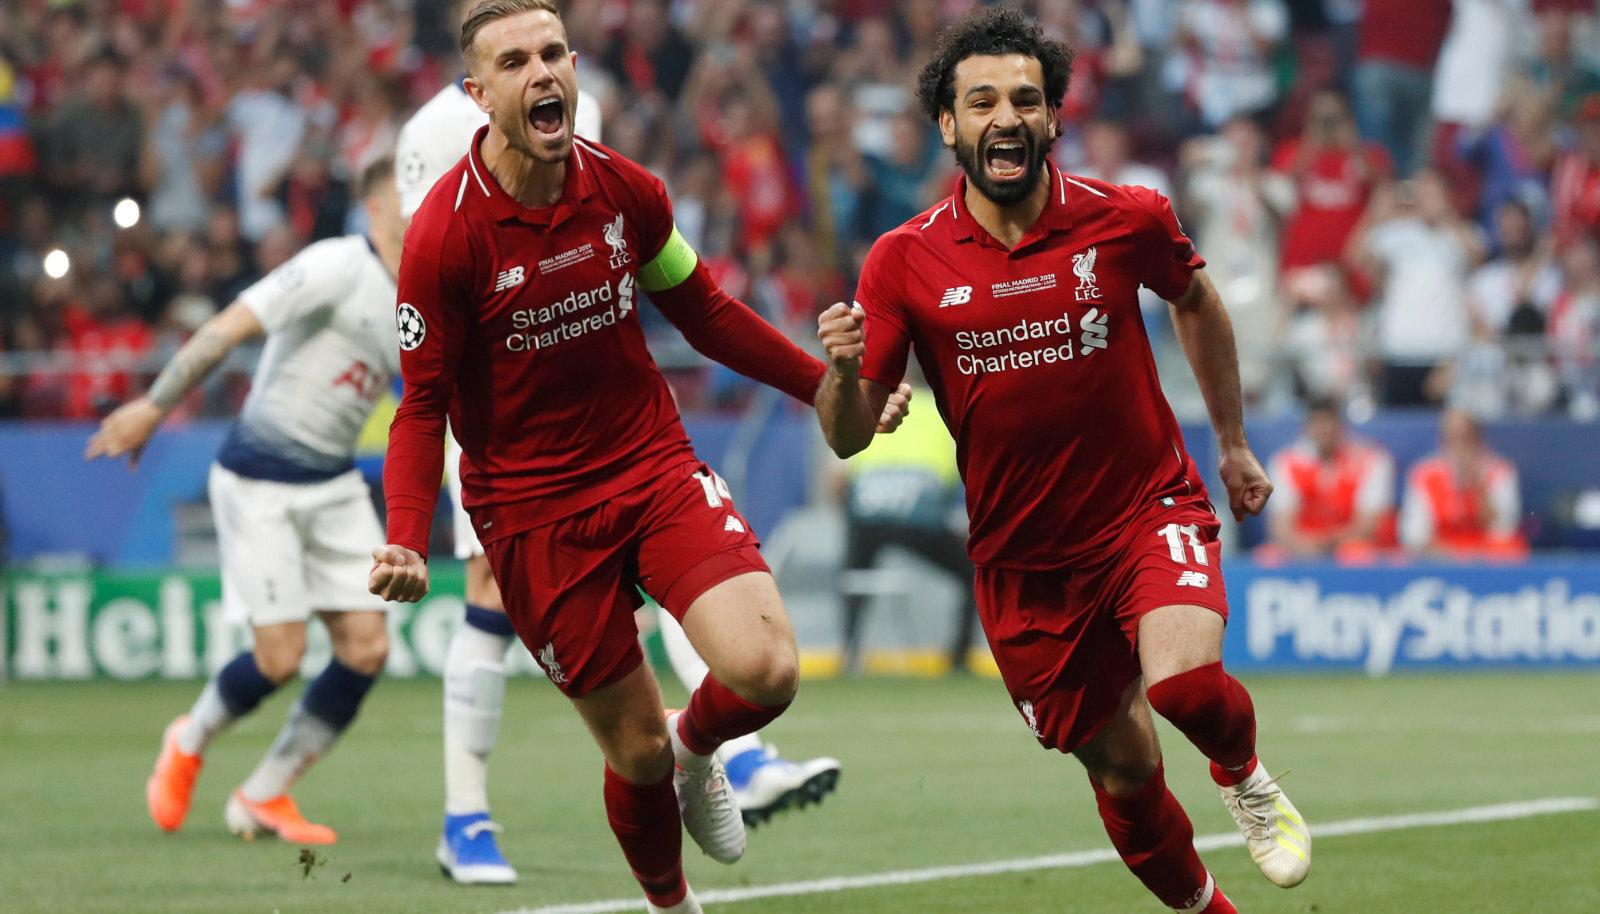 Salah viis penaltist Liverpooli juhtima